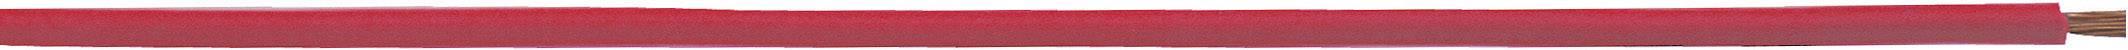 Opletenie / lanko LappKabel 4510072 H05V-K, 1 x 0.75 mm², vonkajší Ø 2.40 mm, 100 m, fialová